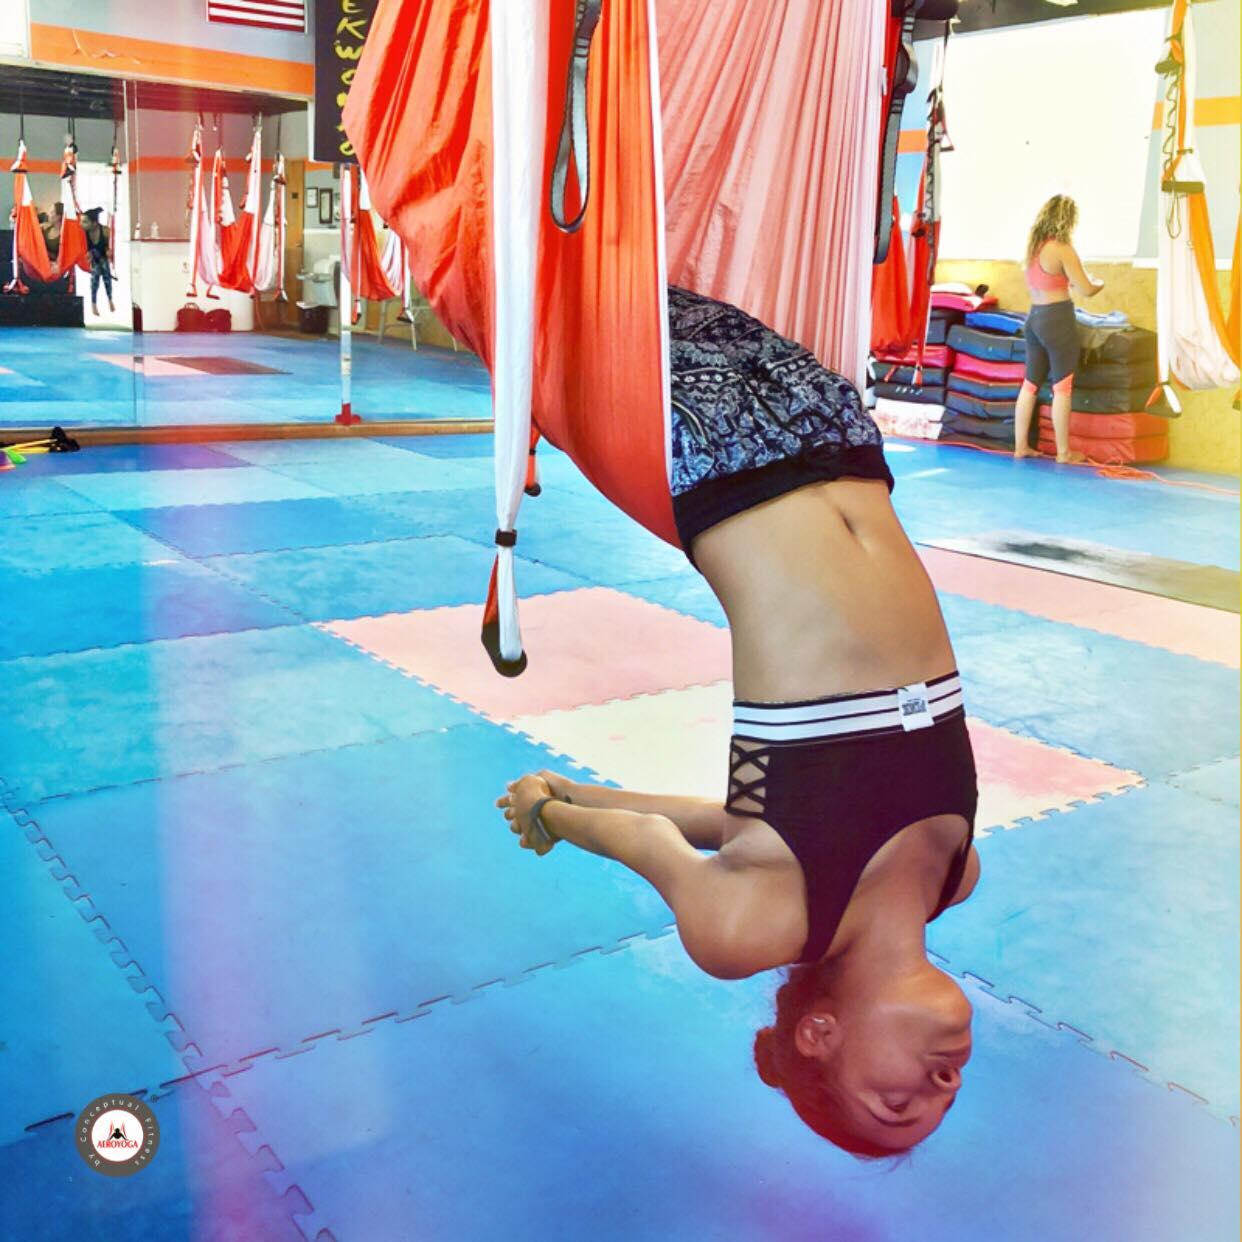 Certificación Yoga Aéreo: Descubre los Beneficios del AeroYoga ® Acrobático, Salud y Bienestar con esta Nueva Disciplina Aérea